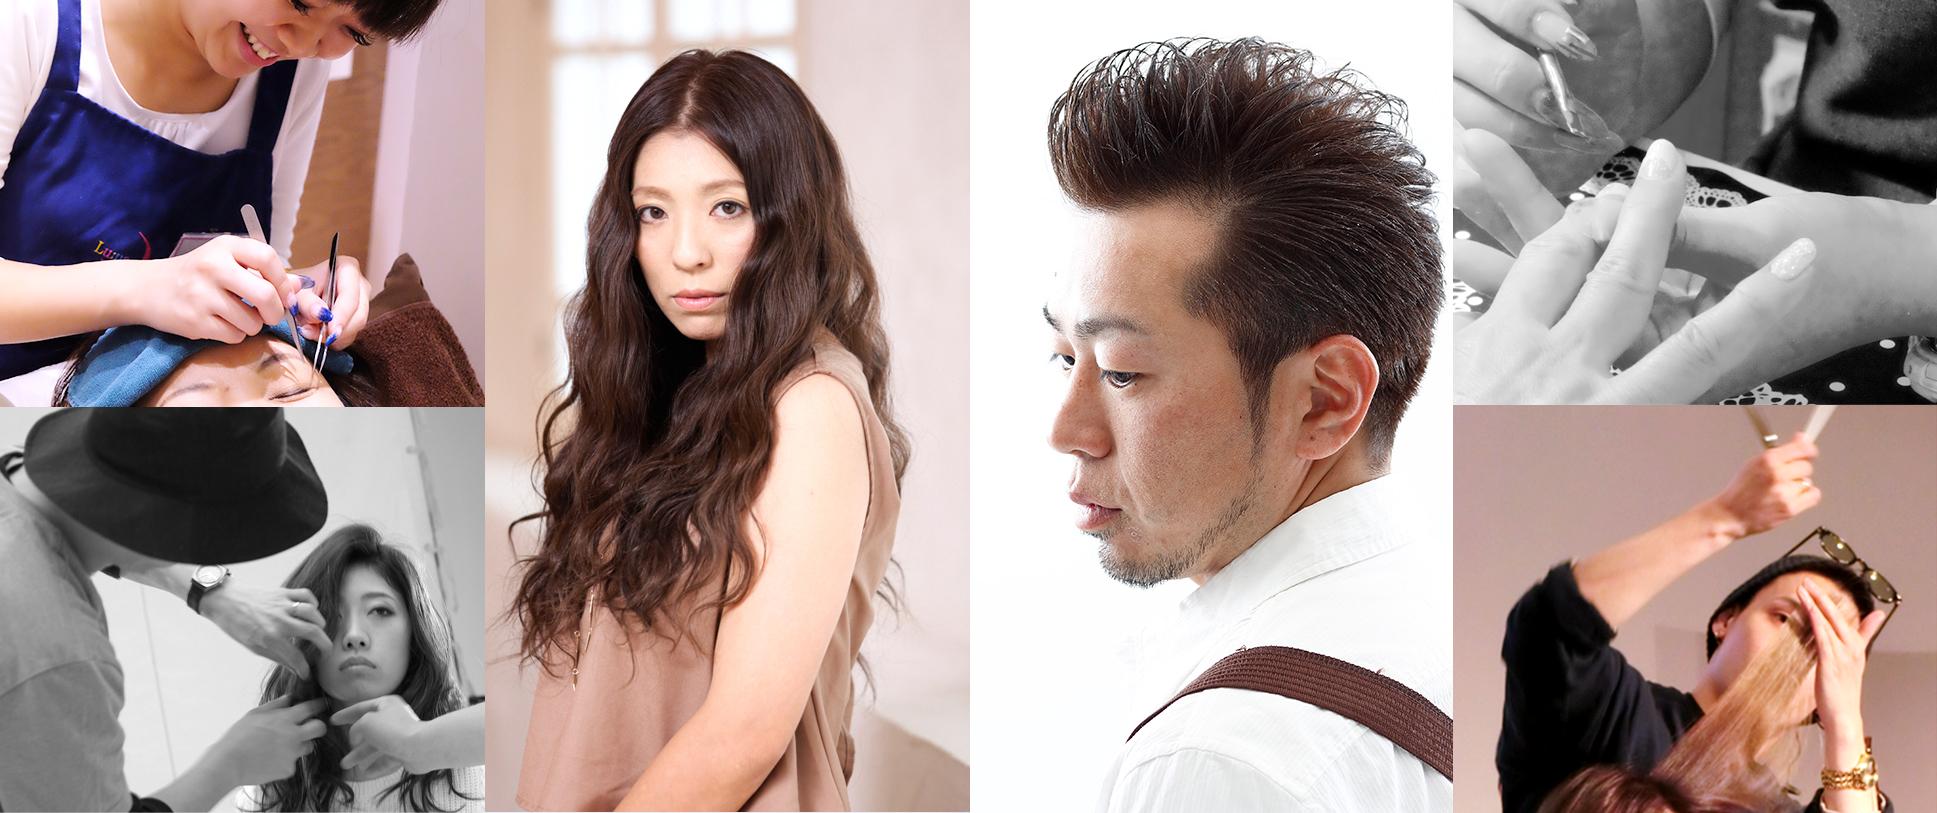 apollo group 美容・理容・ネイル・リラクゼーションイメージ